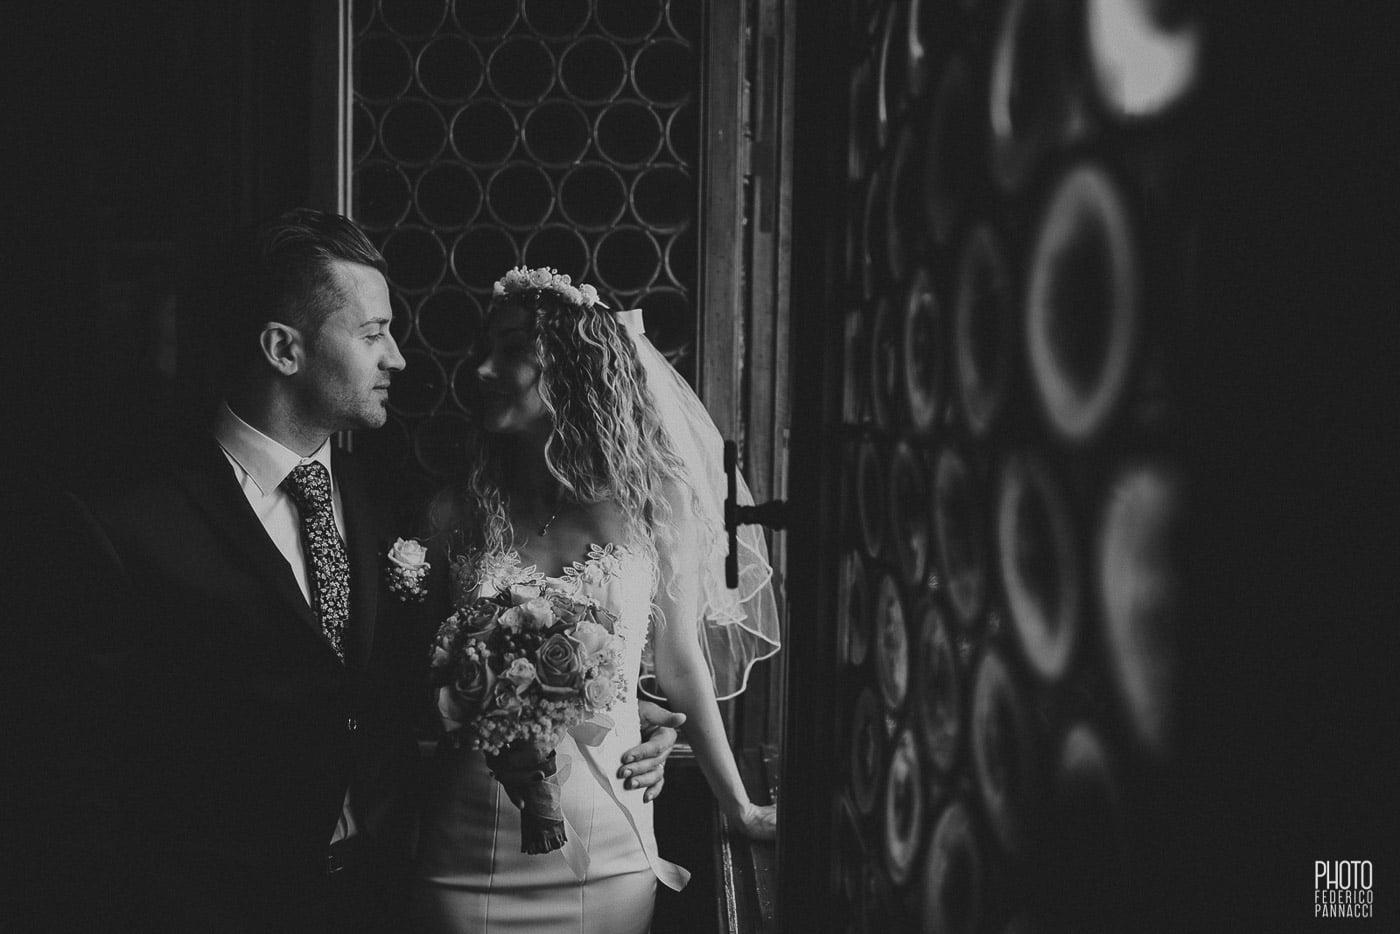 069-Destination-Wedding-Siena